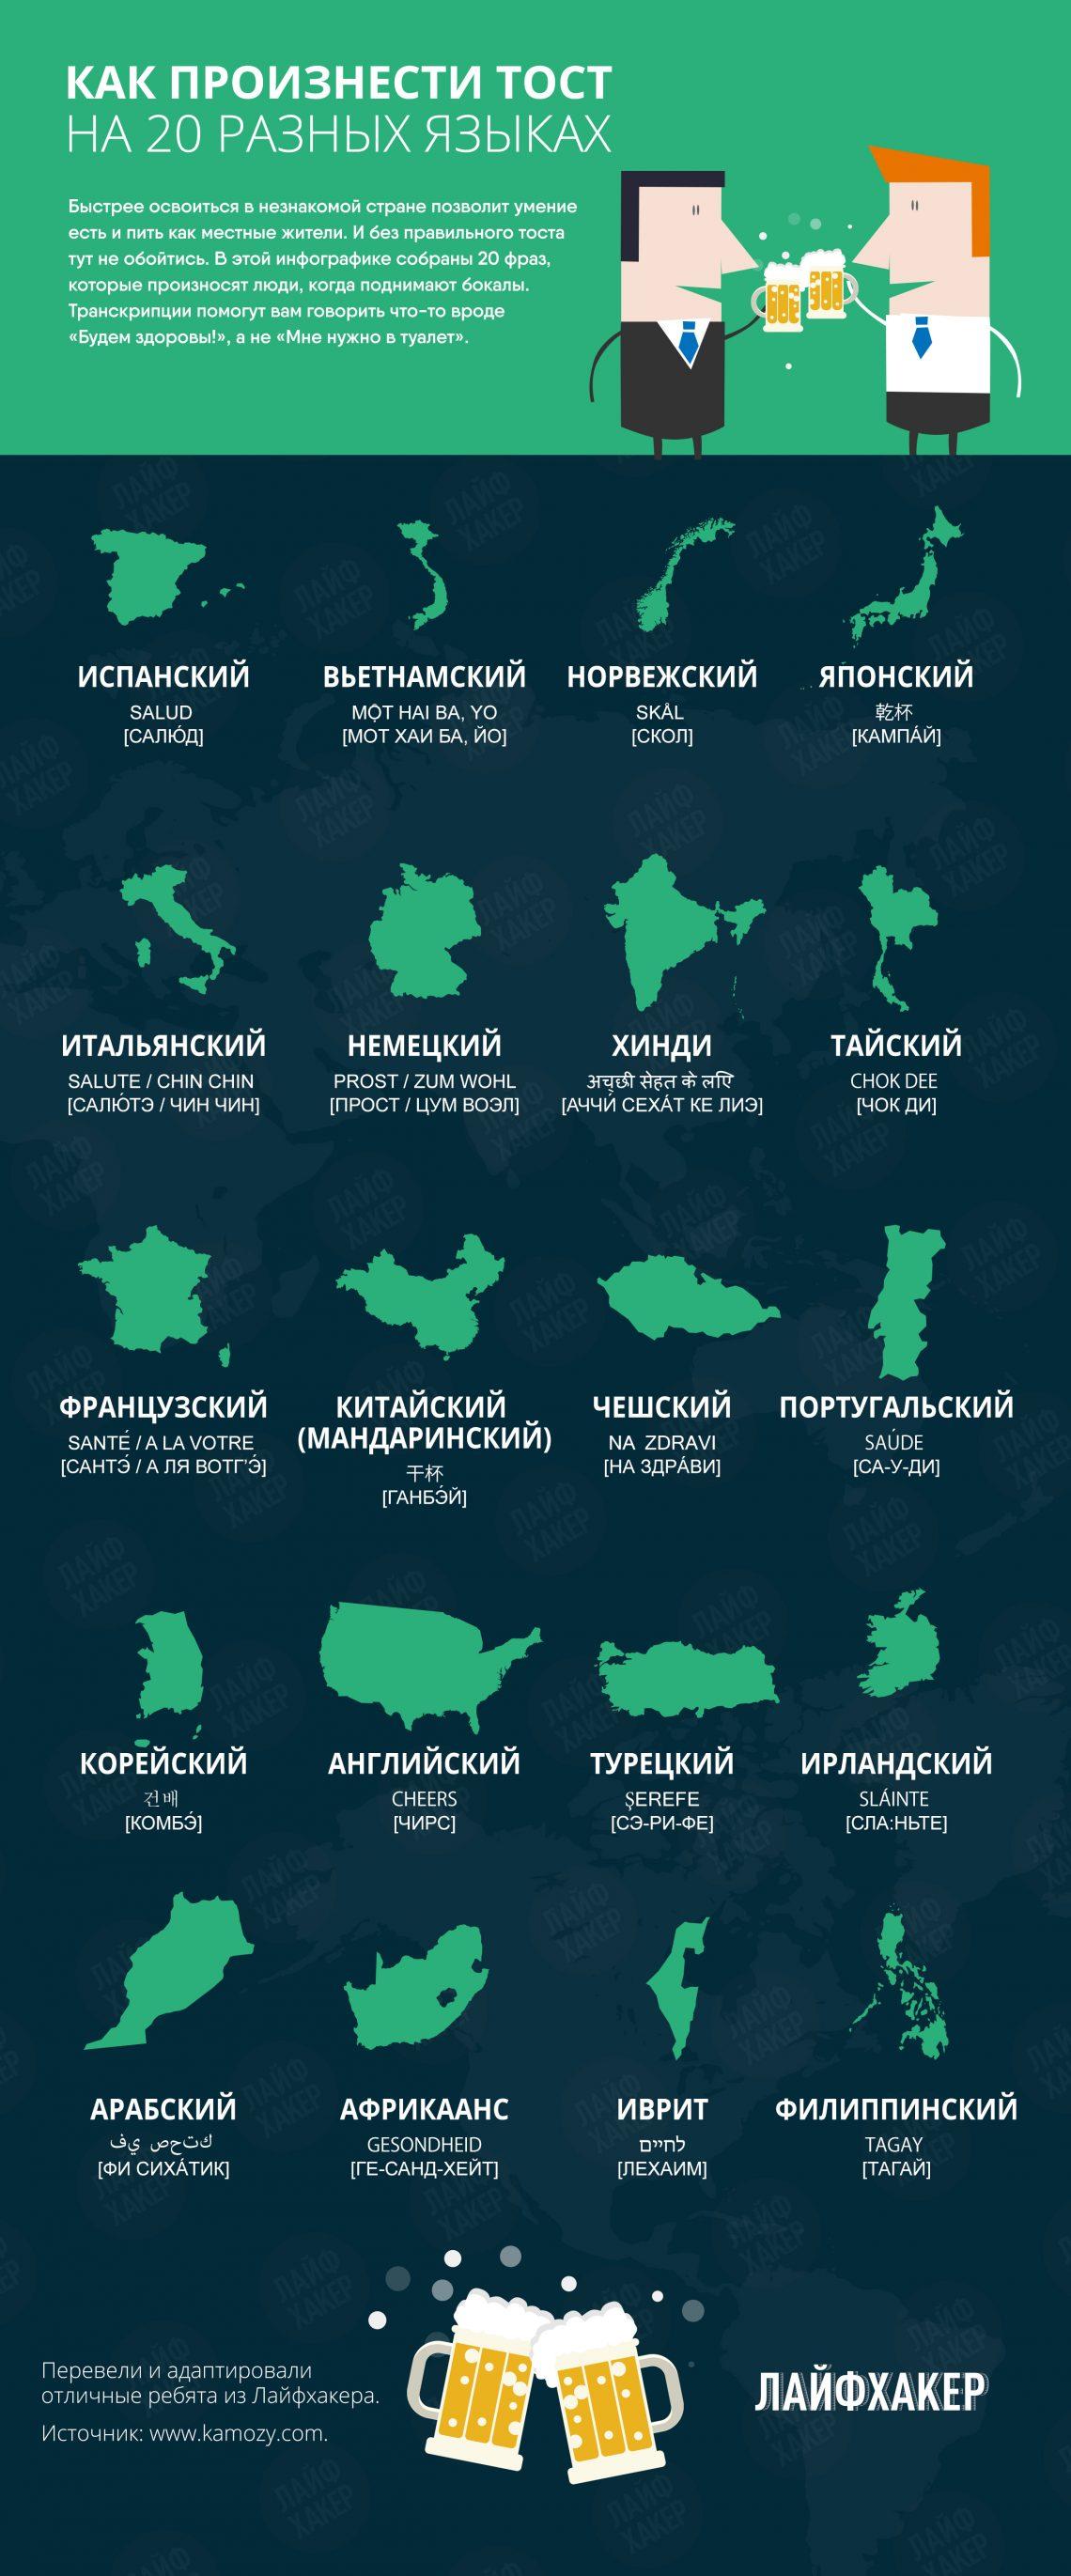 Как говорить тосты на разных языках